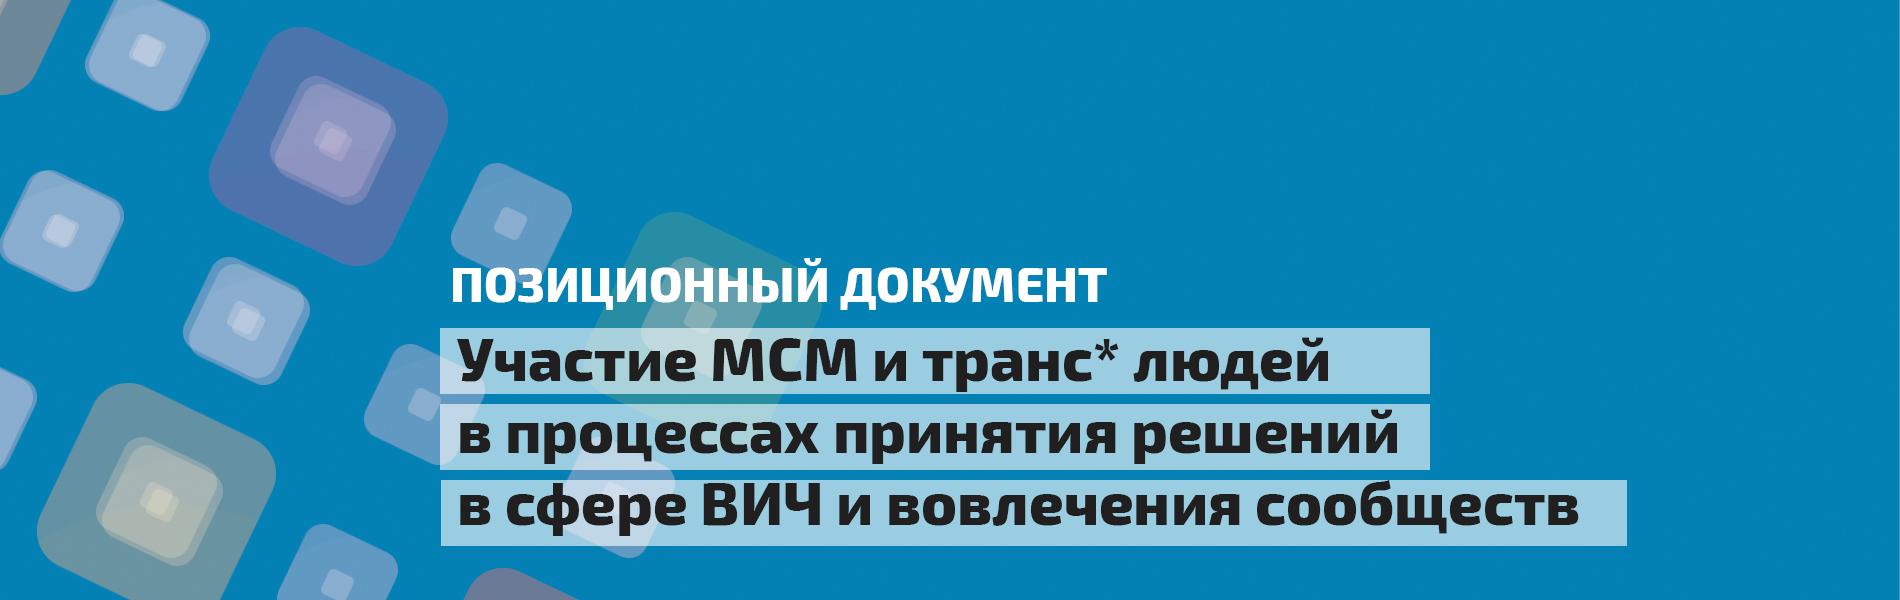 ЕКОМ заявляет о своей позиции относительно необходимого участия мужчин, практикующих секс с мужчинами и транс* людей в процессах принятия решений в сфере ВИЧ и вовлечения сообществ в странах Восточной Европы и Центральной Азии (ВЕЦА).